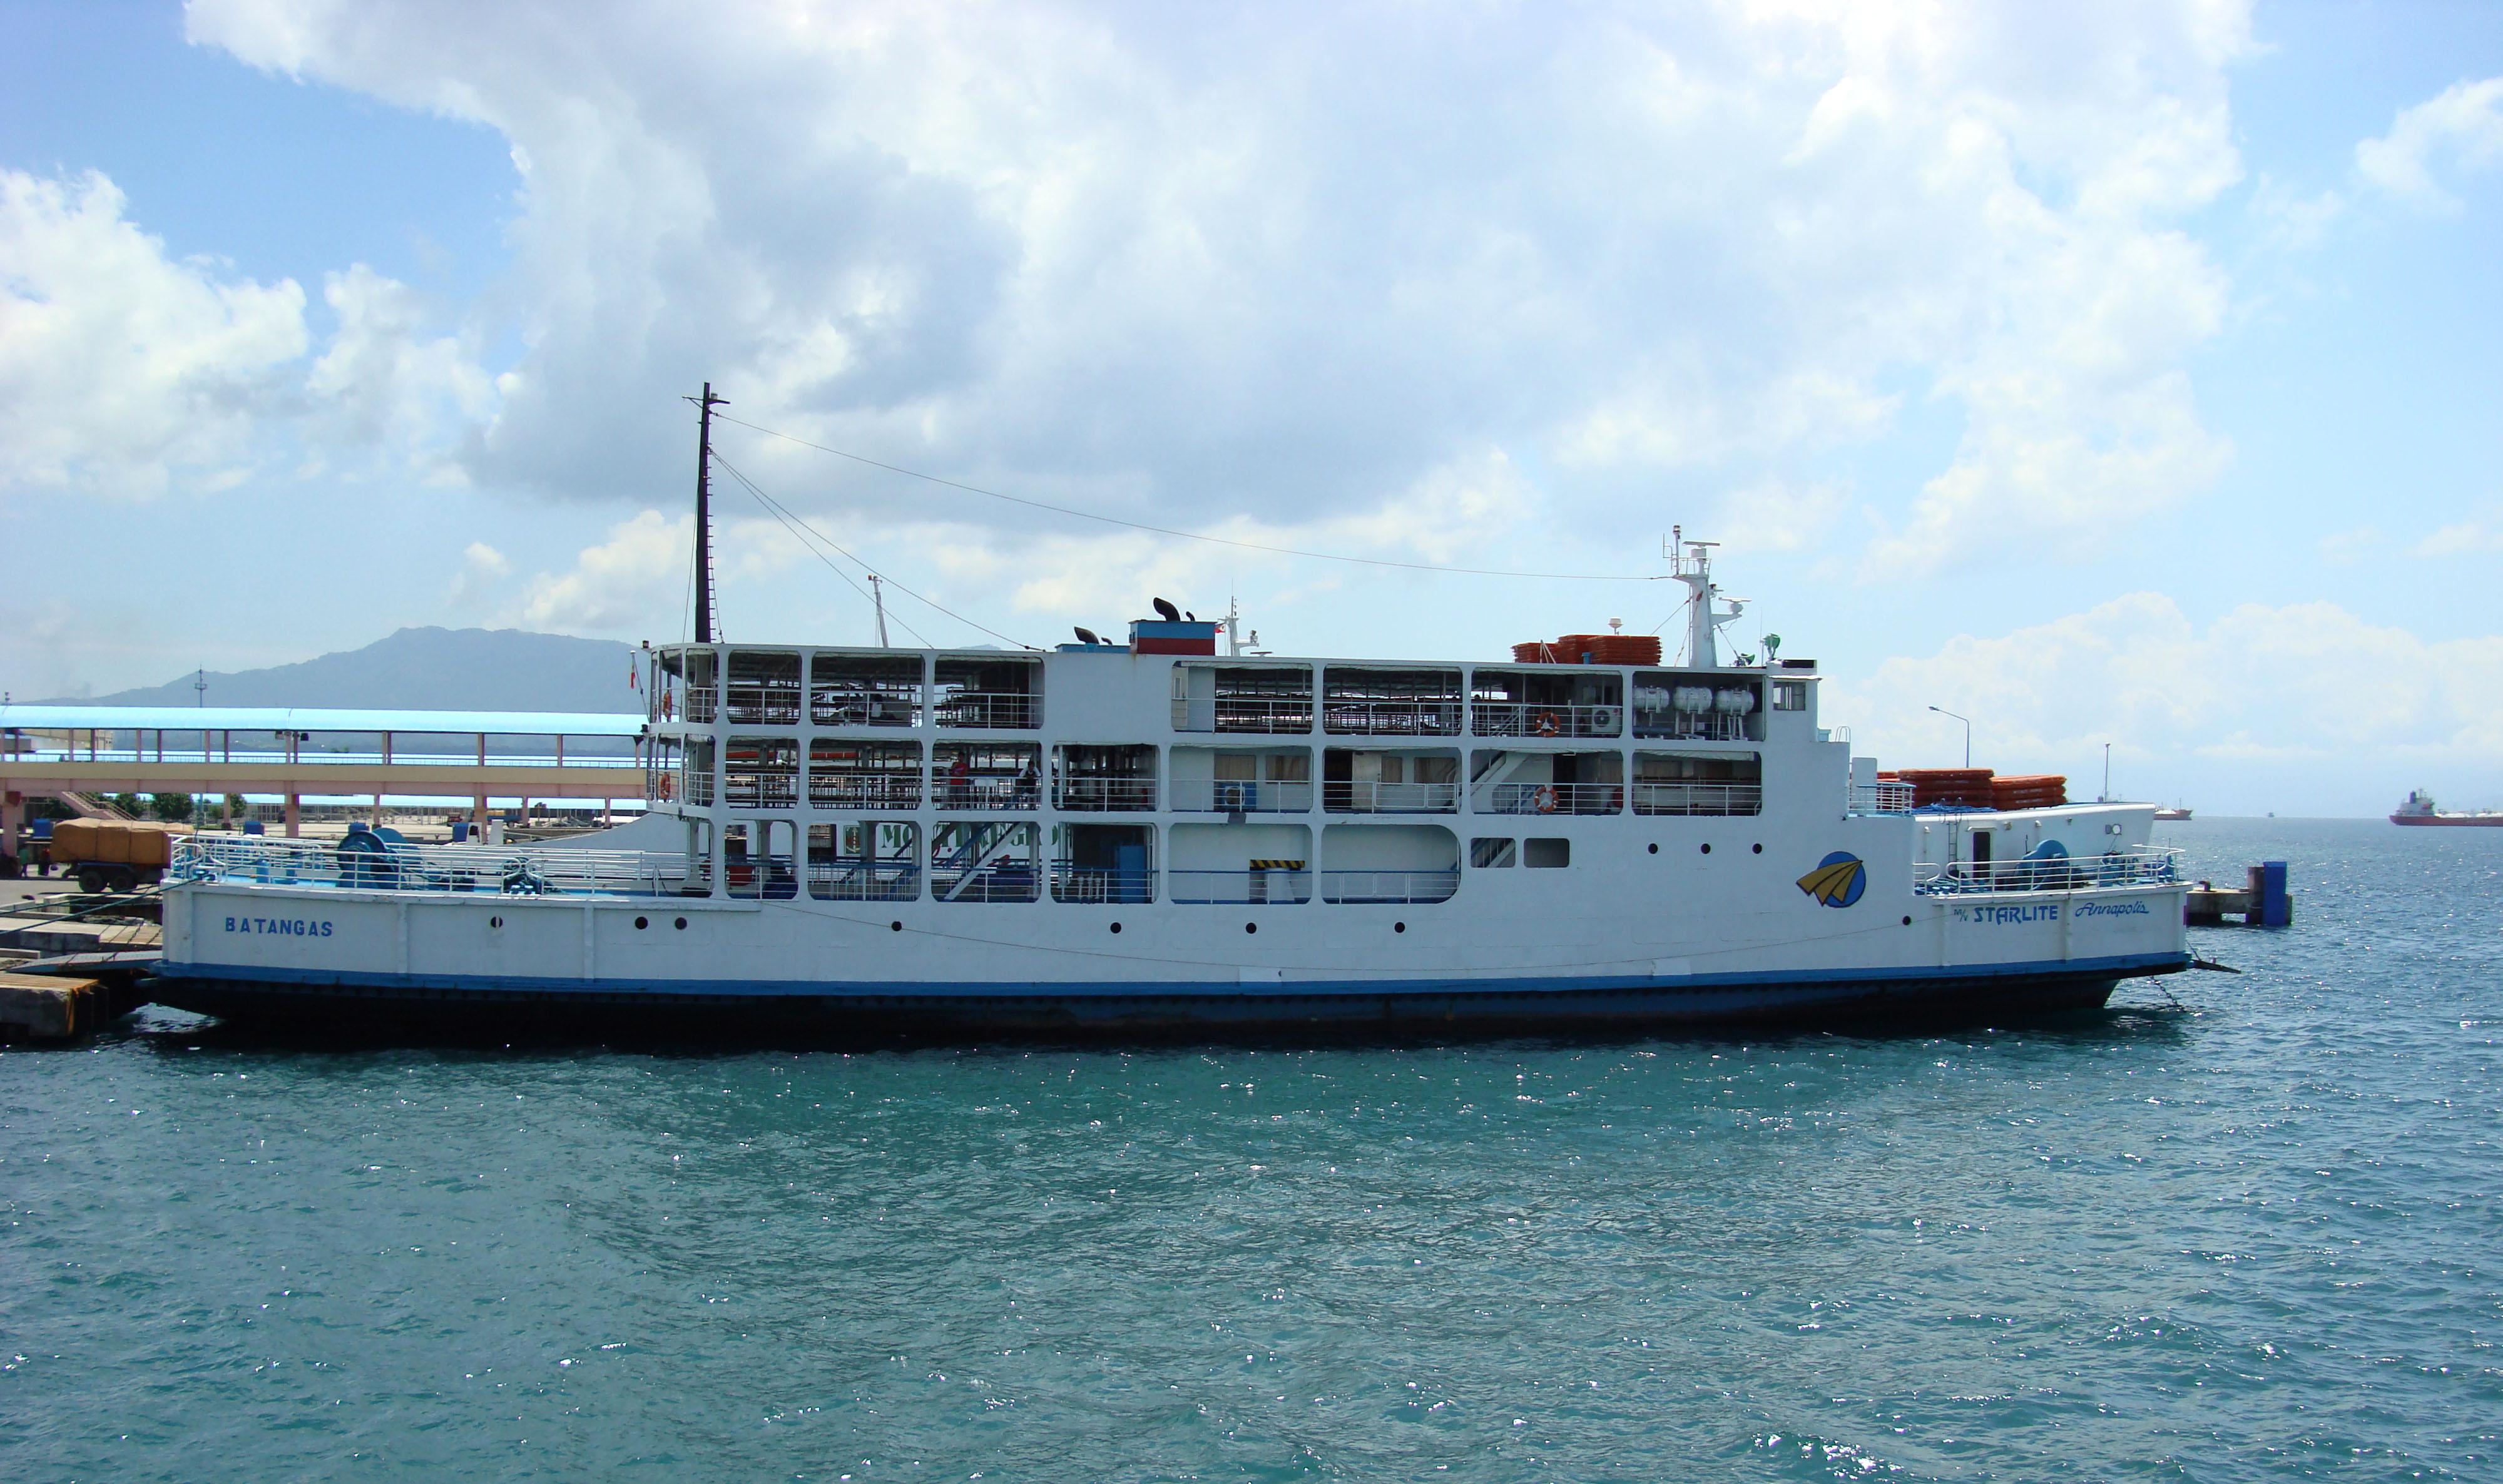 MV Starlite Annapolis Batangus Pier Philippines 01